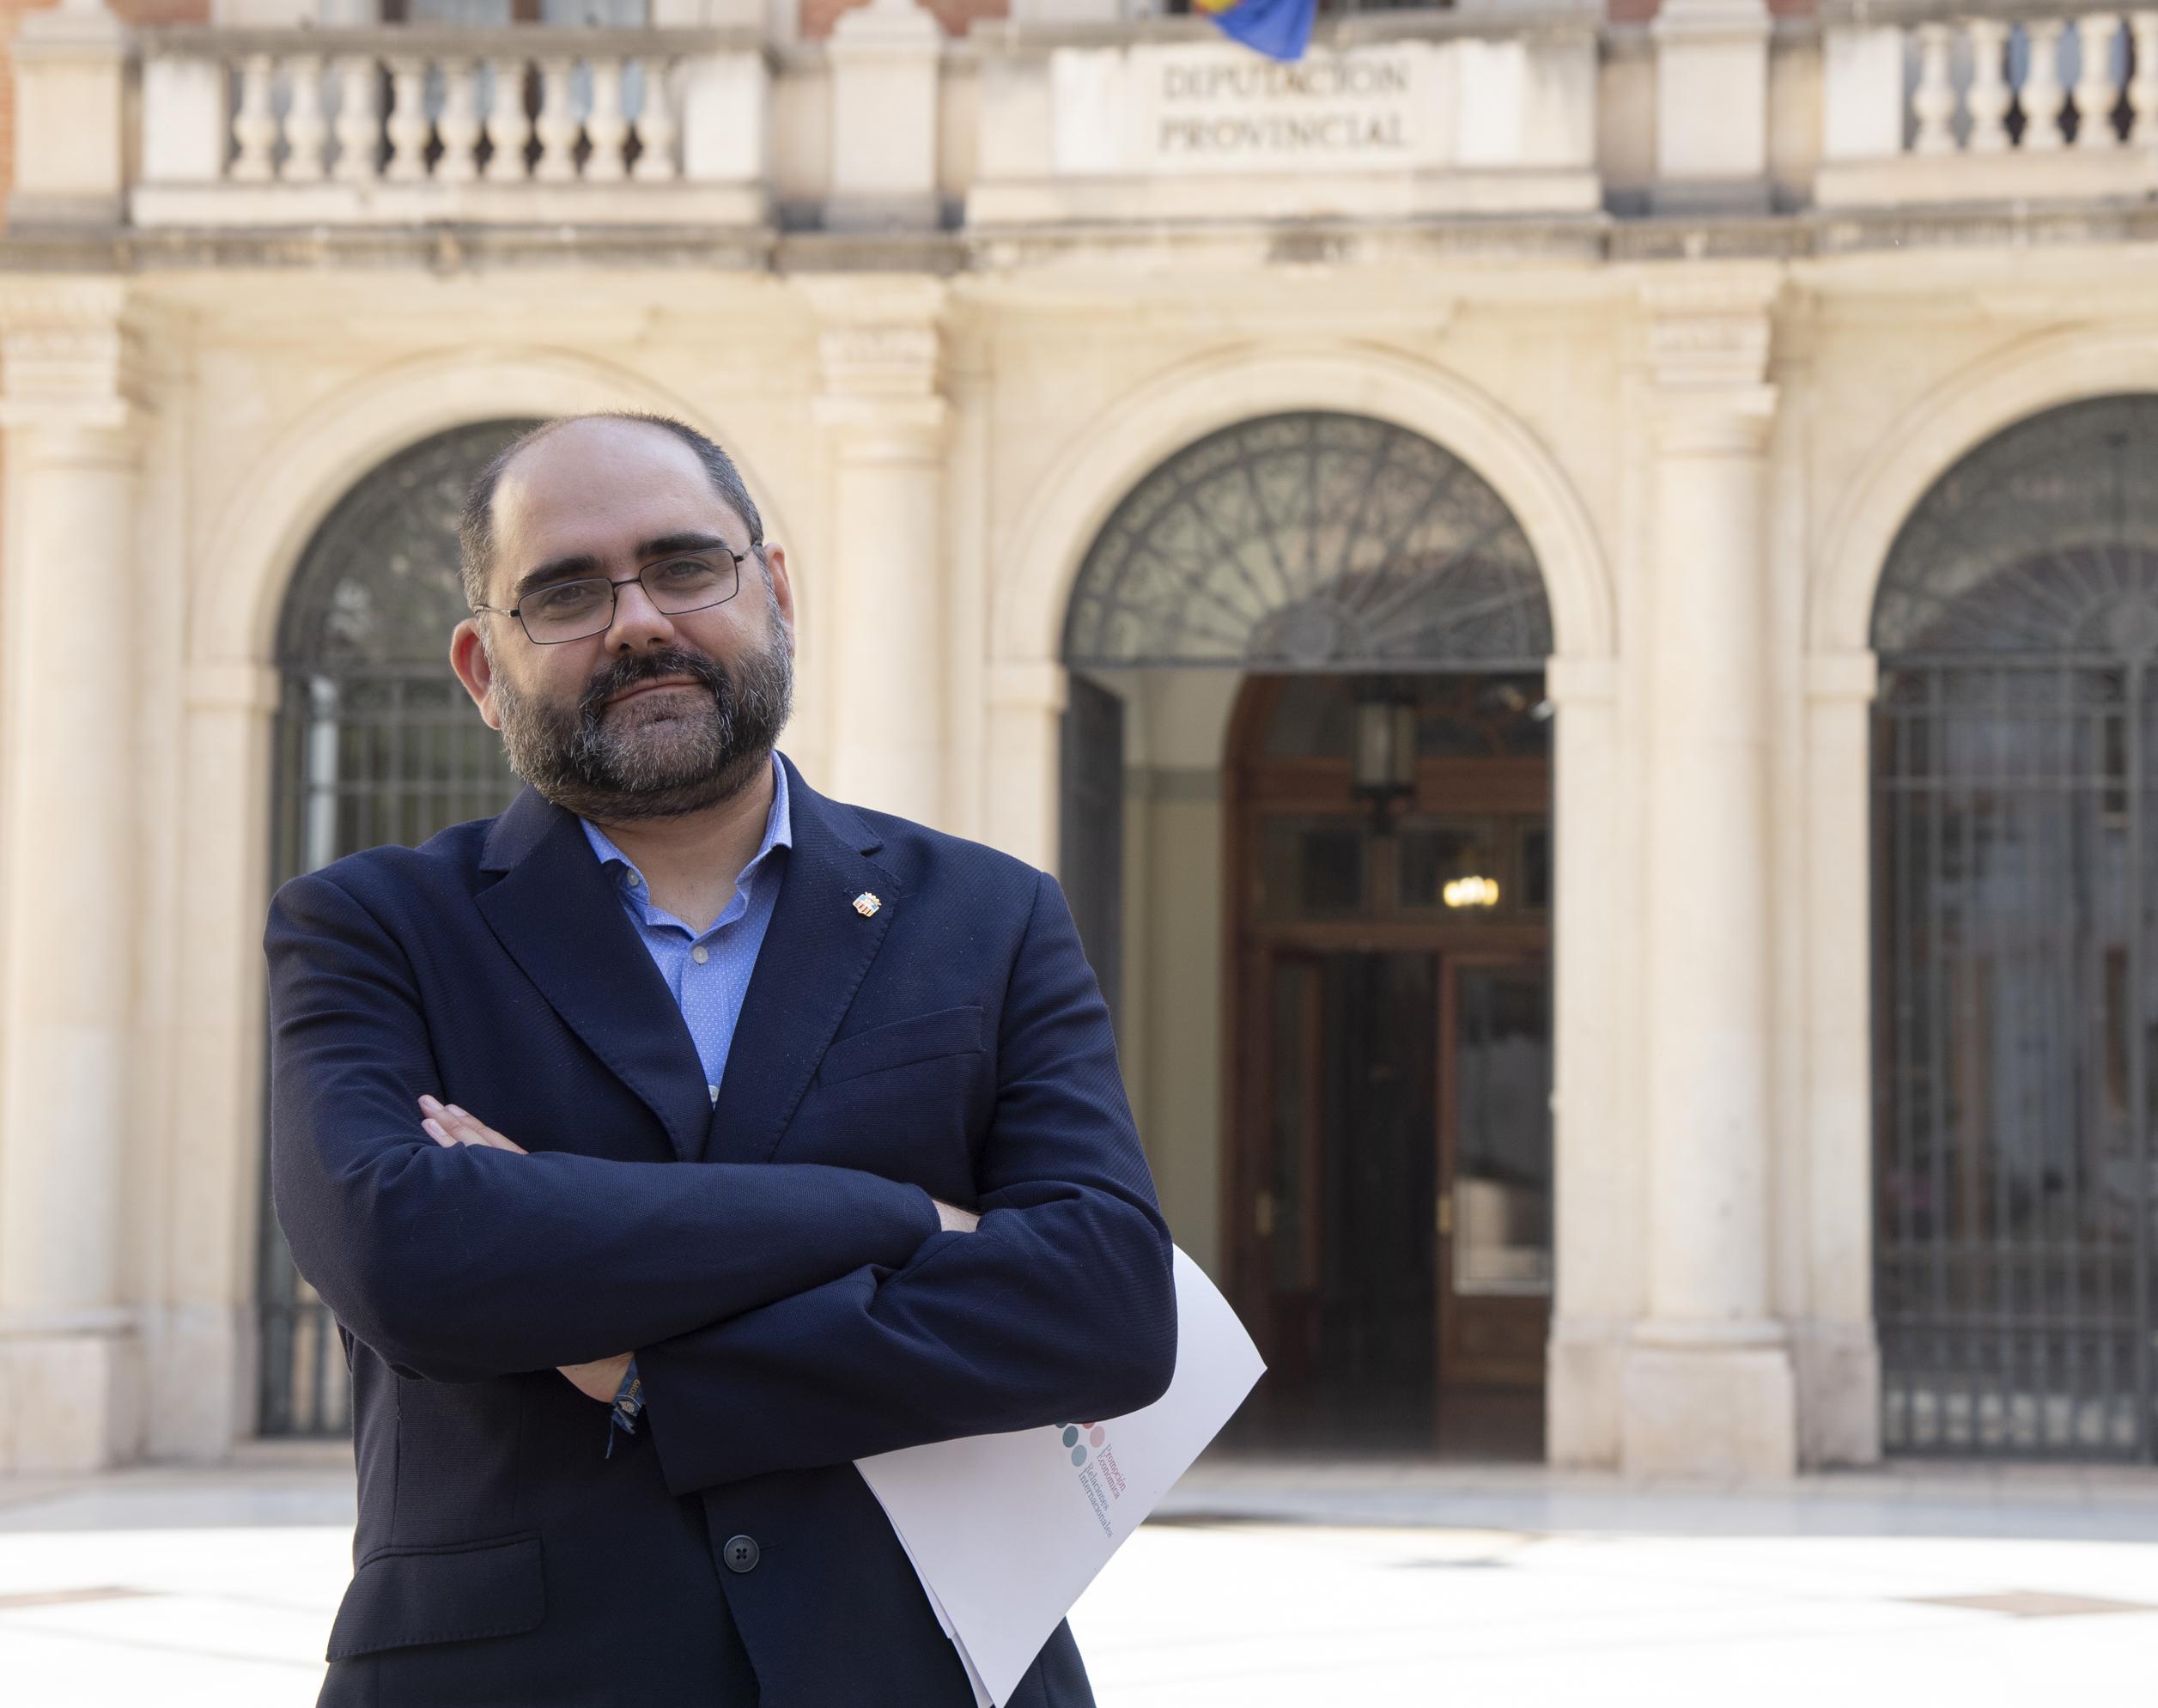 La Diputació aprova les subvencions EMP-POEJ per a fomentar l'ocupació juvenil als municipis de l'interior